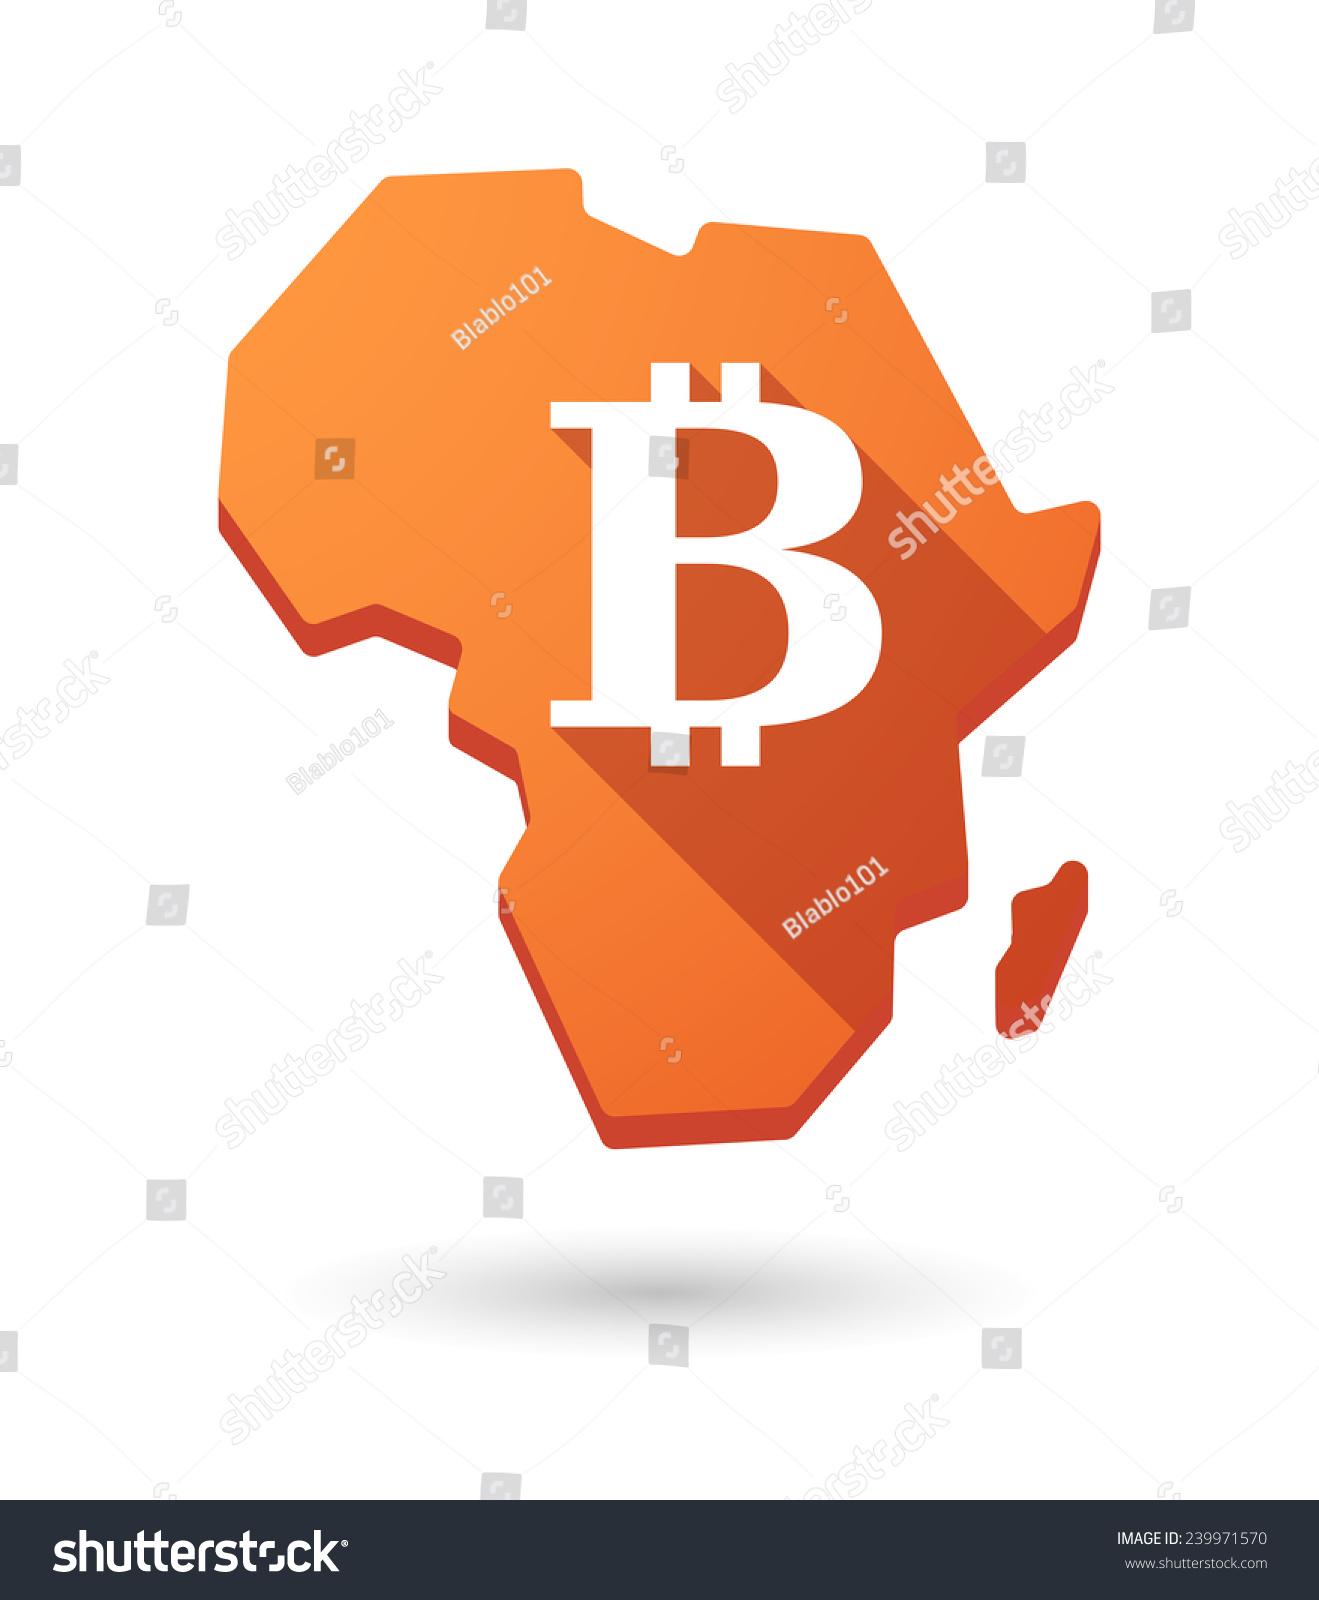 孤立的非洲大陆地图图标与货币符号